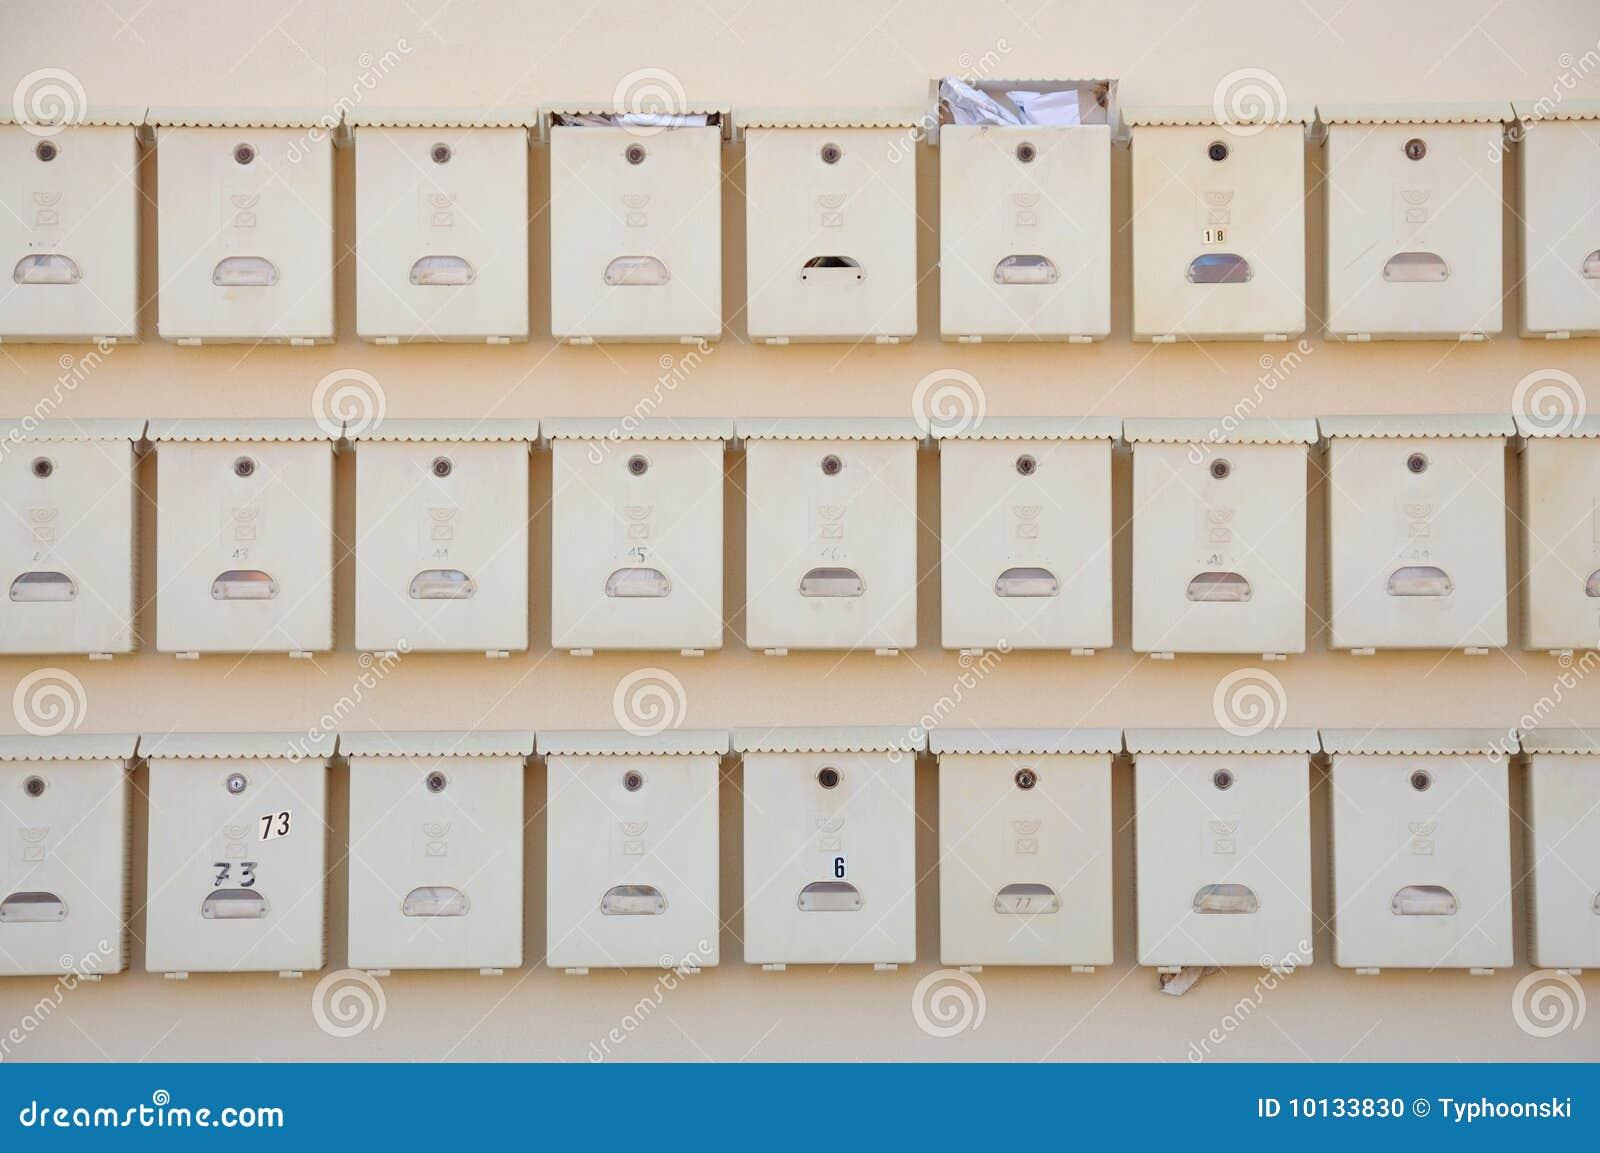 Buzones de correos en la pared foto de archivo imagen de - Buzones de correos madrid ...